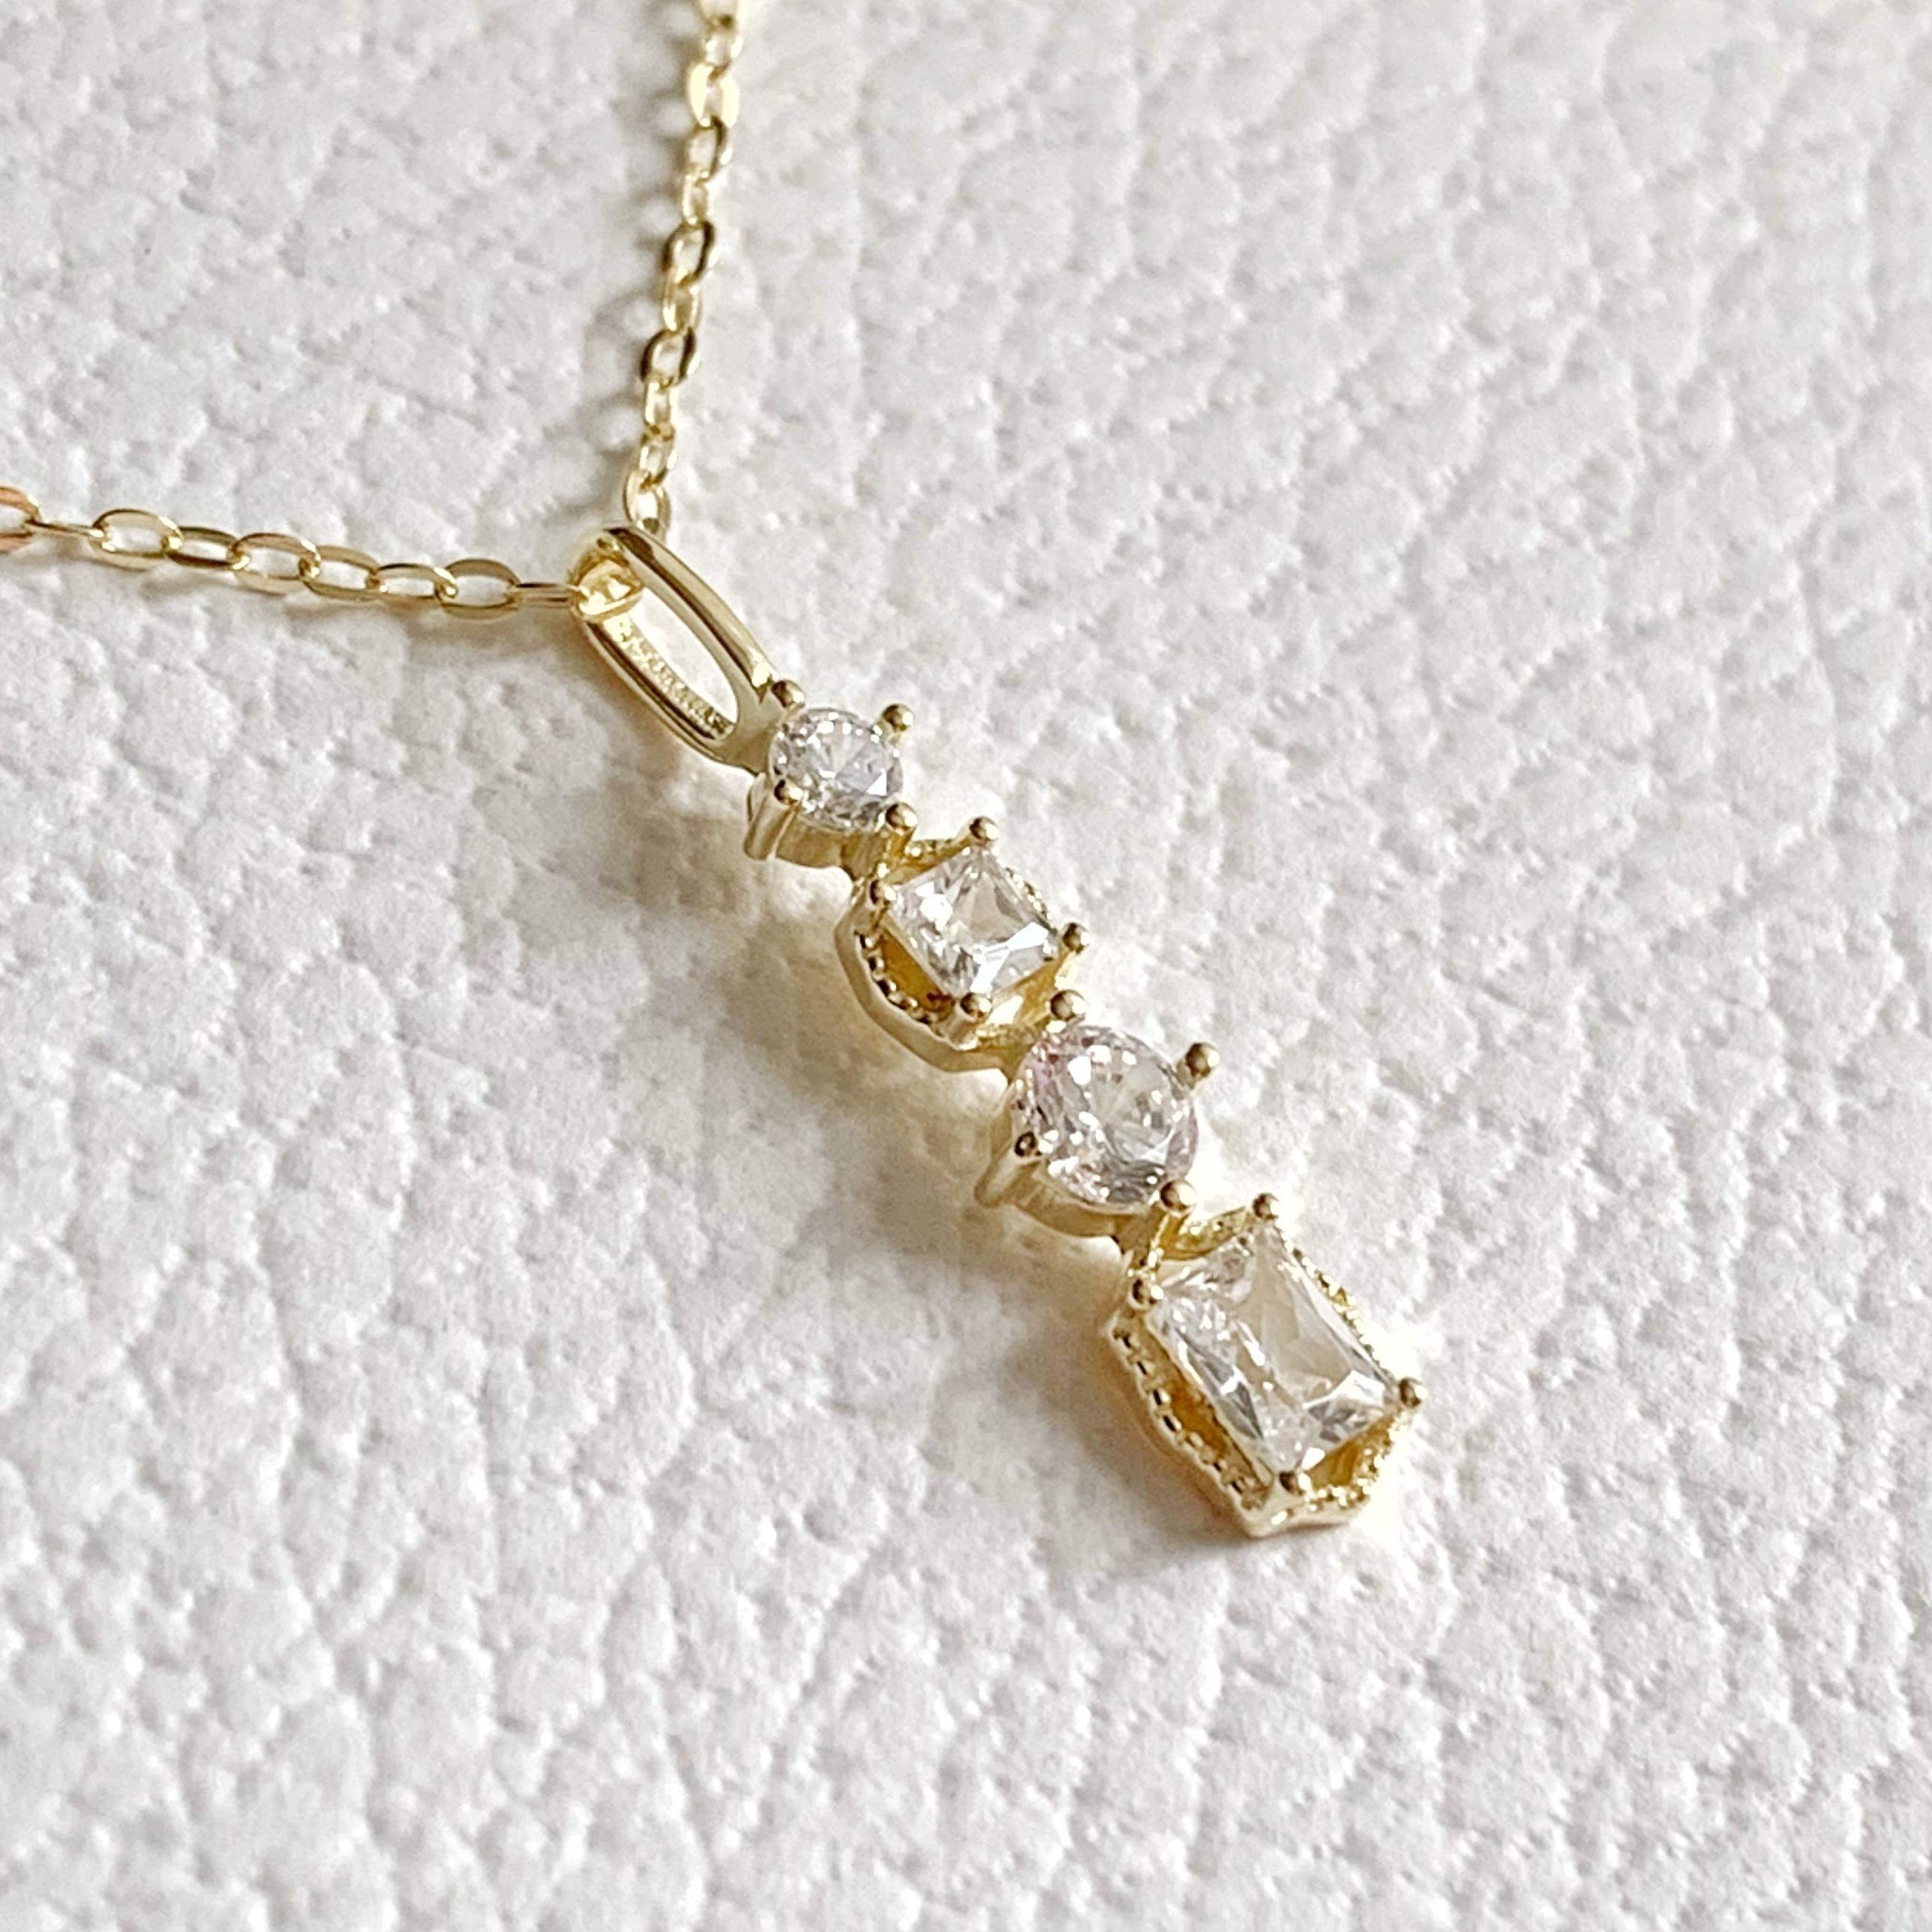 【JORIE】CROWN silver925 necklace